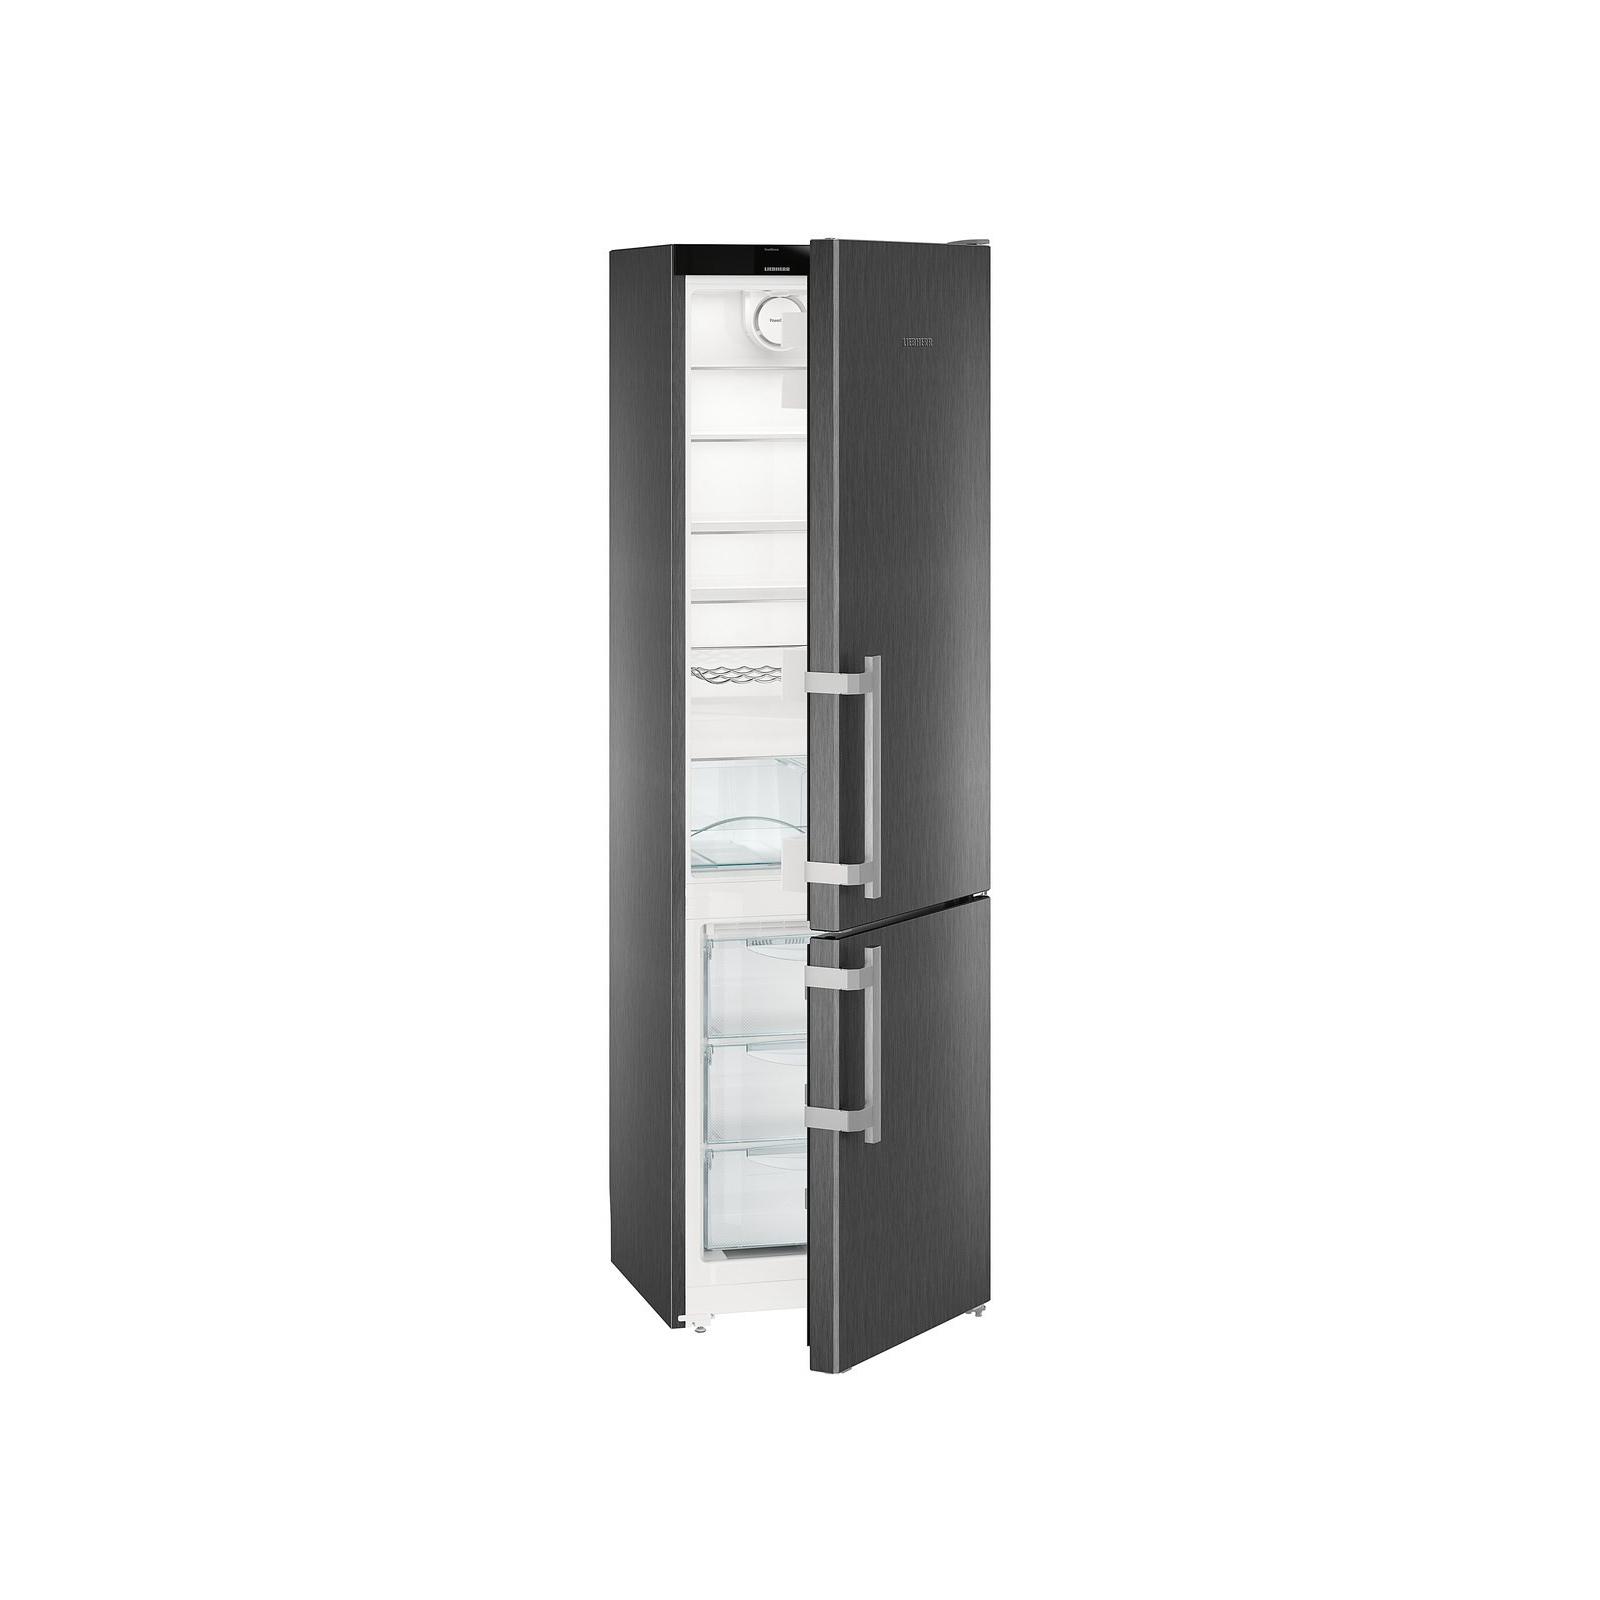 Холодильник Liebherr CNbs 4015 изображение 2